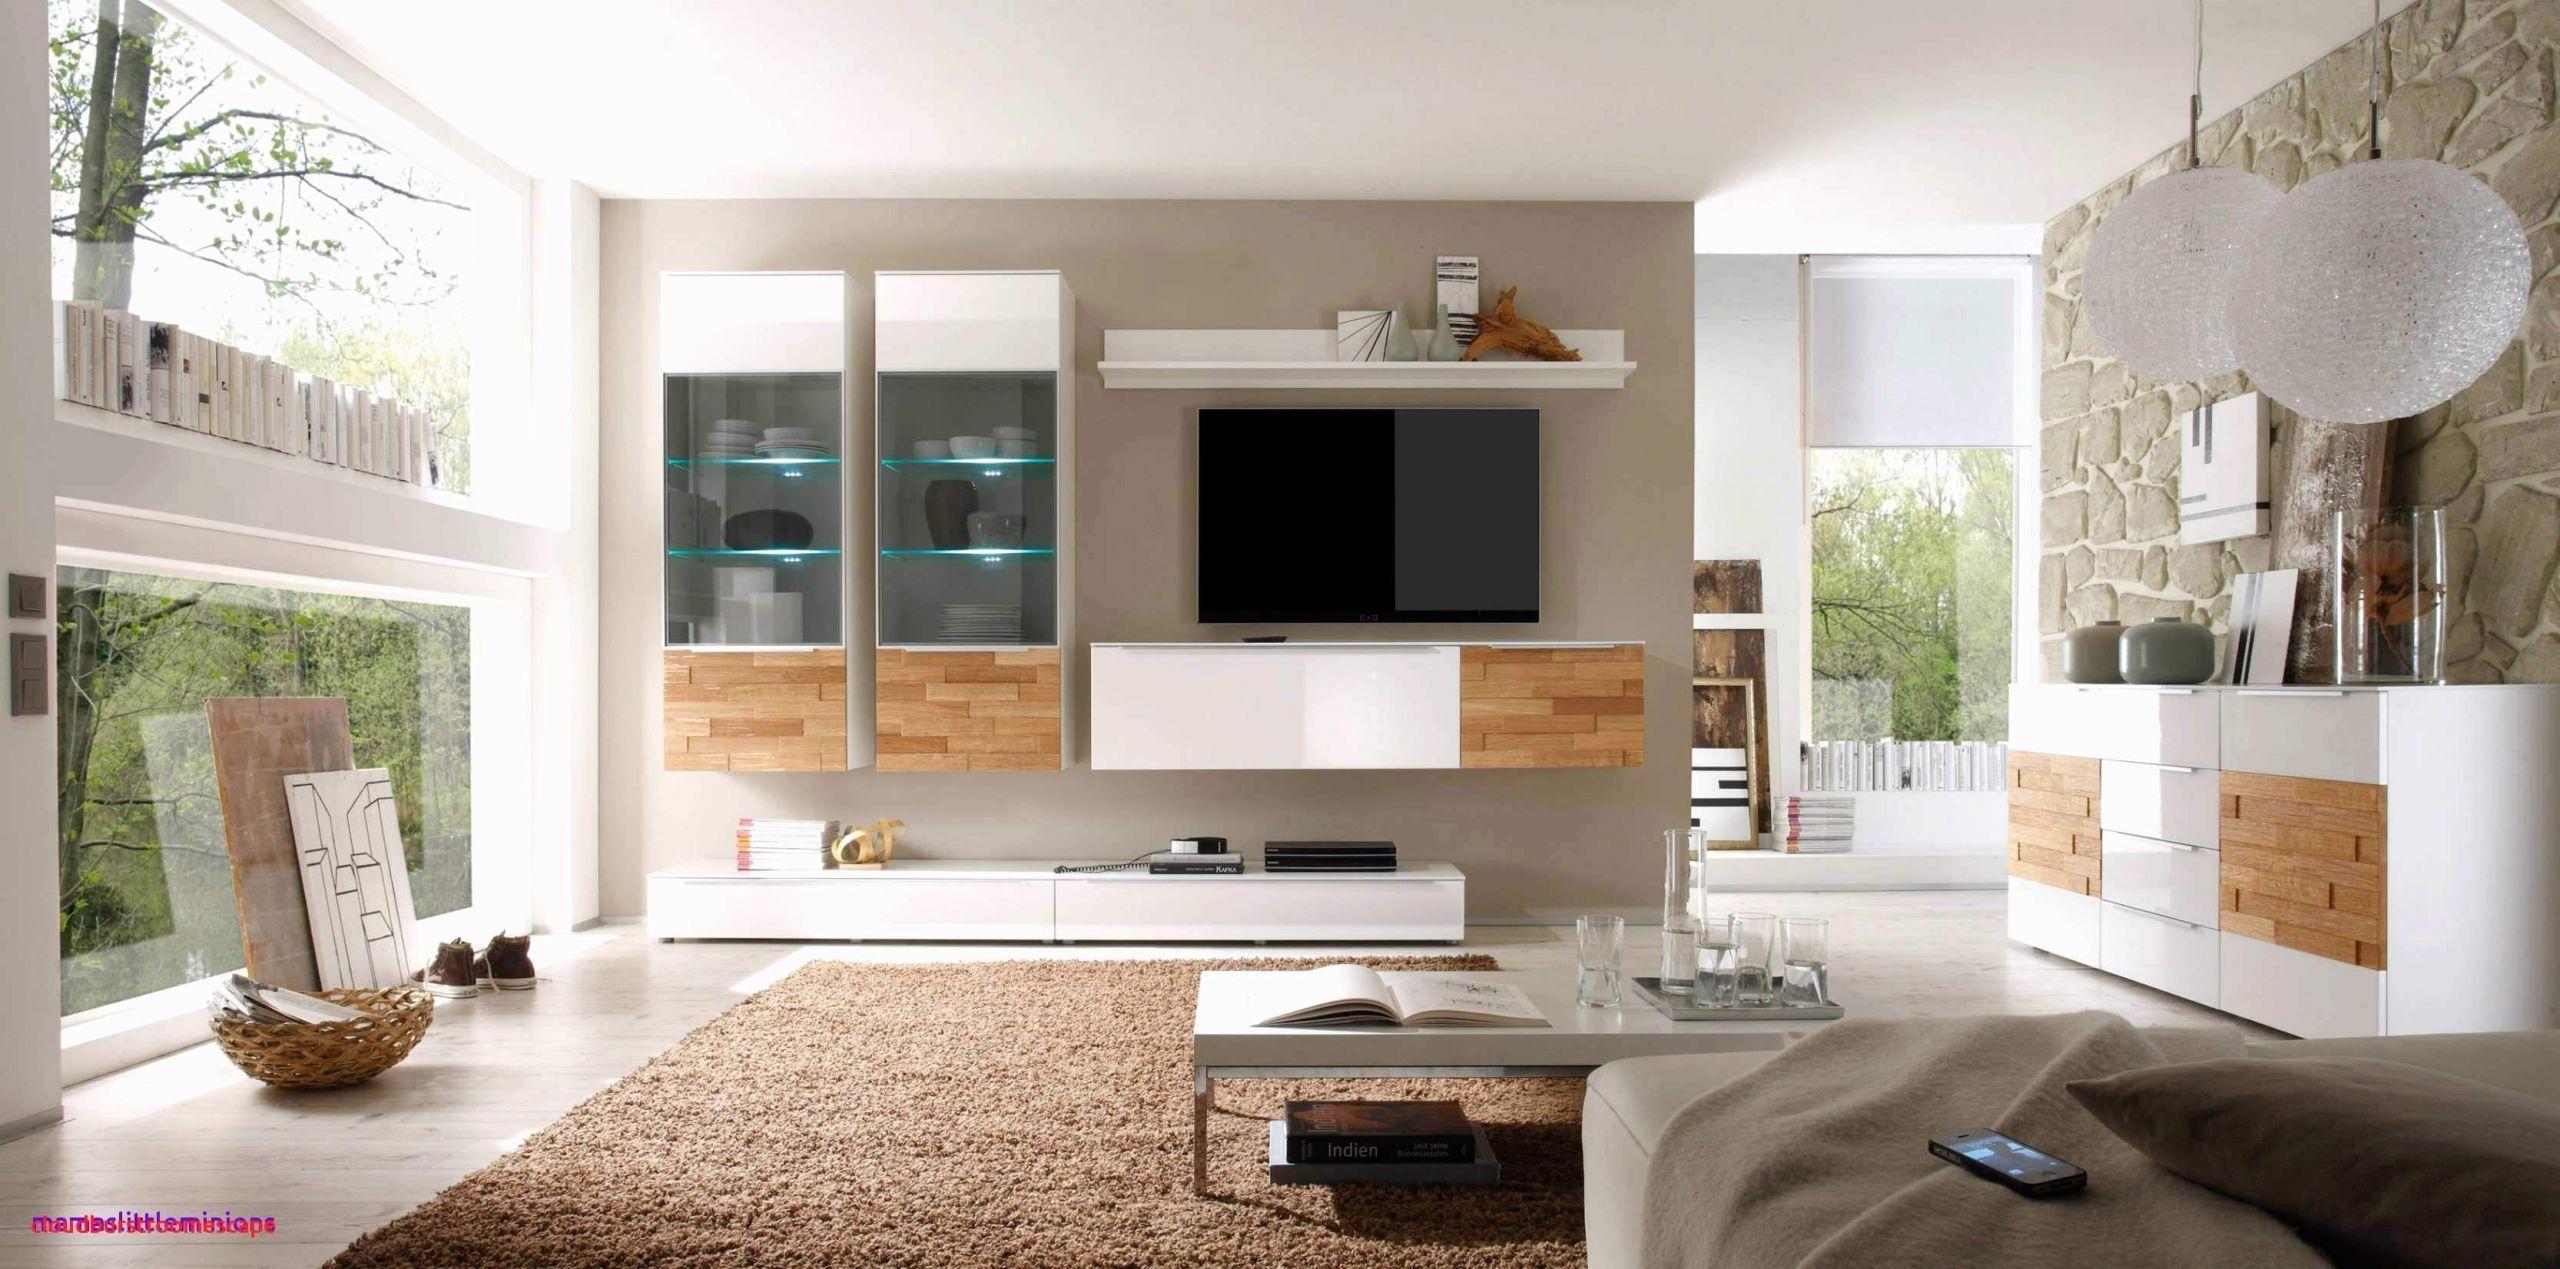 6 Tolle Von Wohnzimmer Gestalten Modern Planen in 6